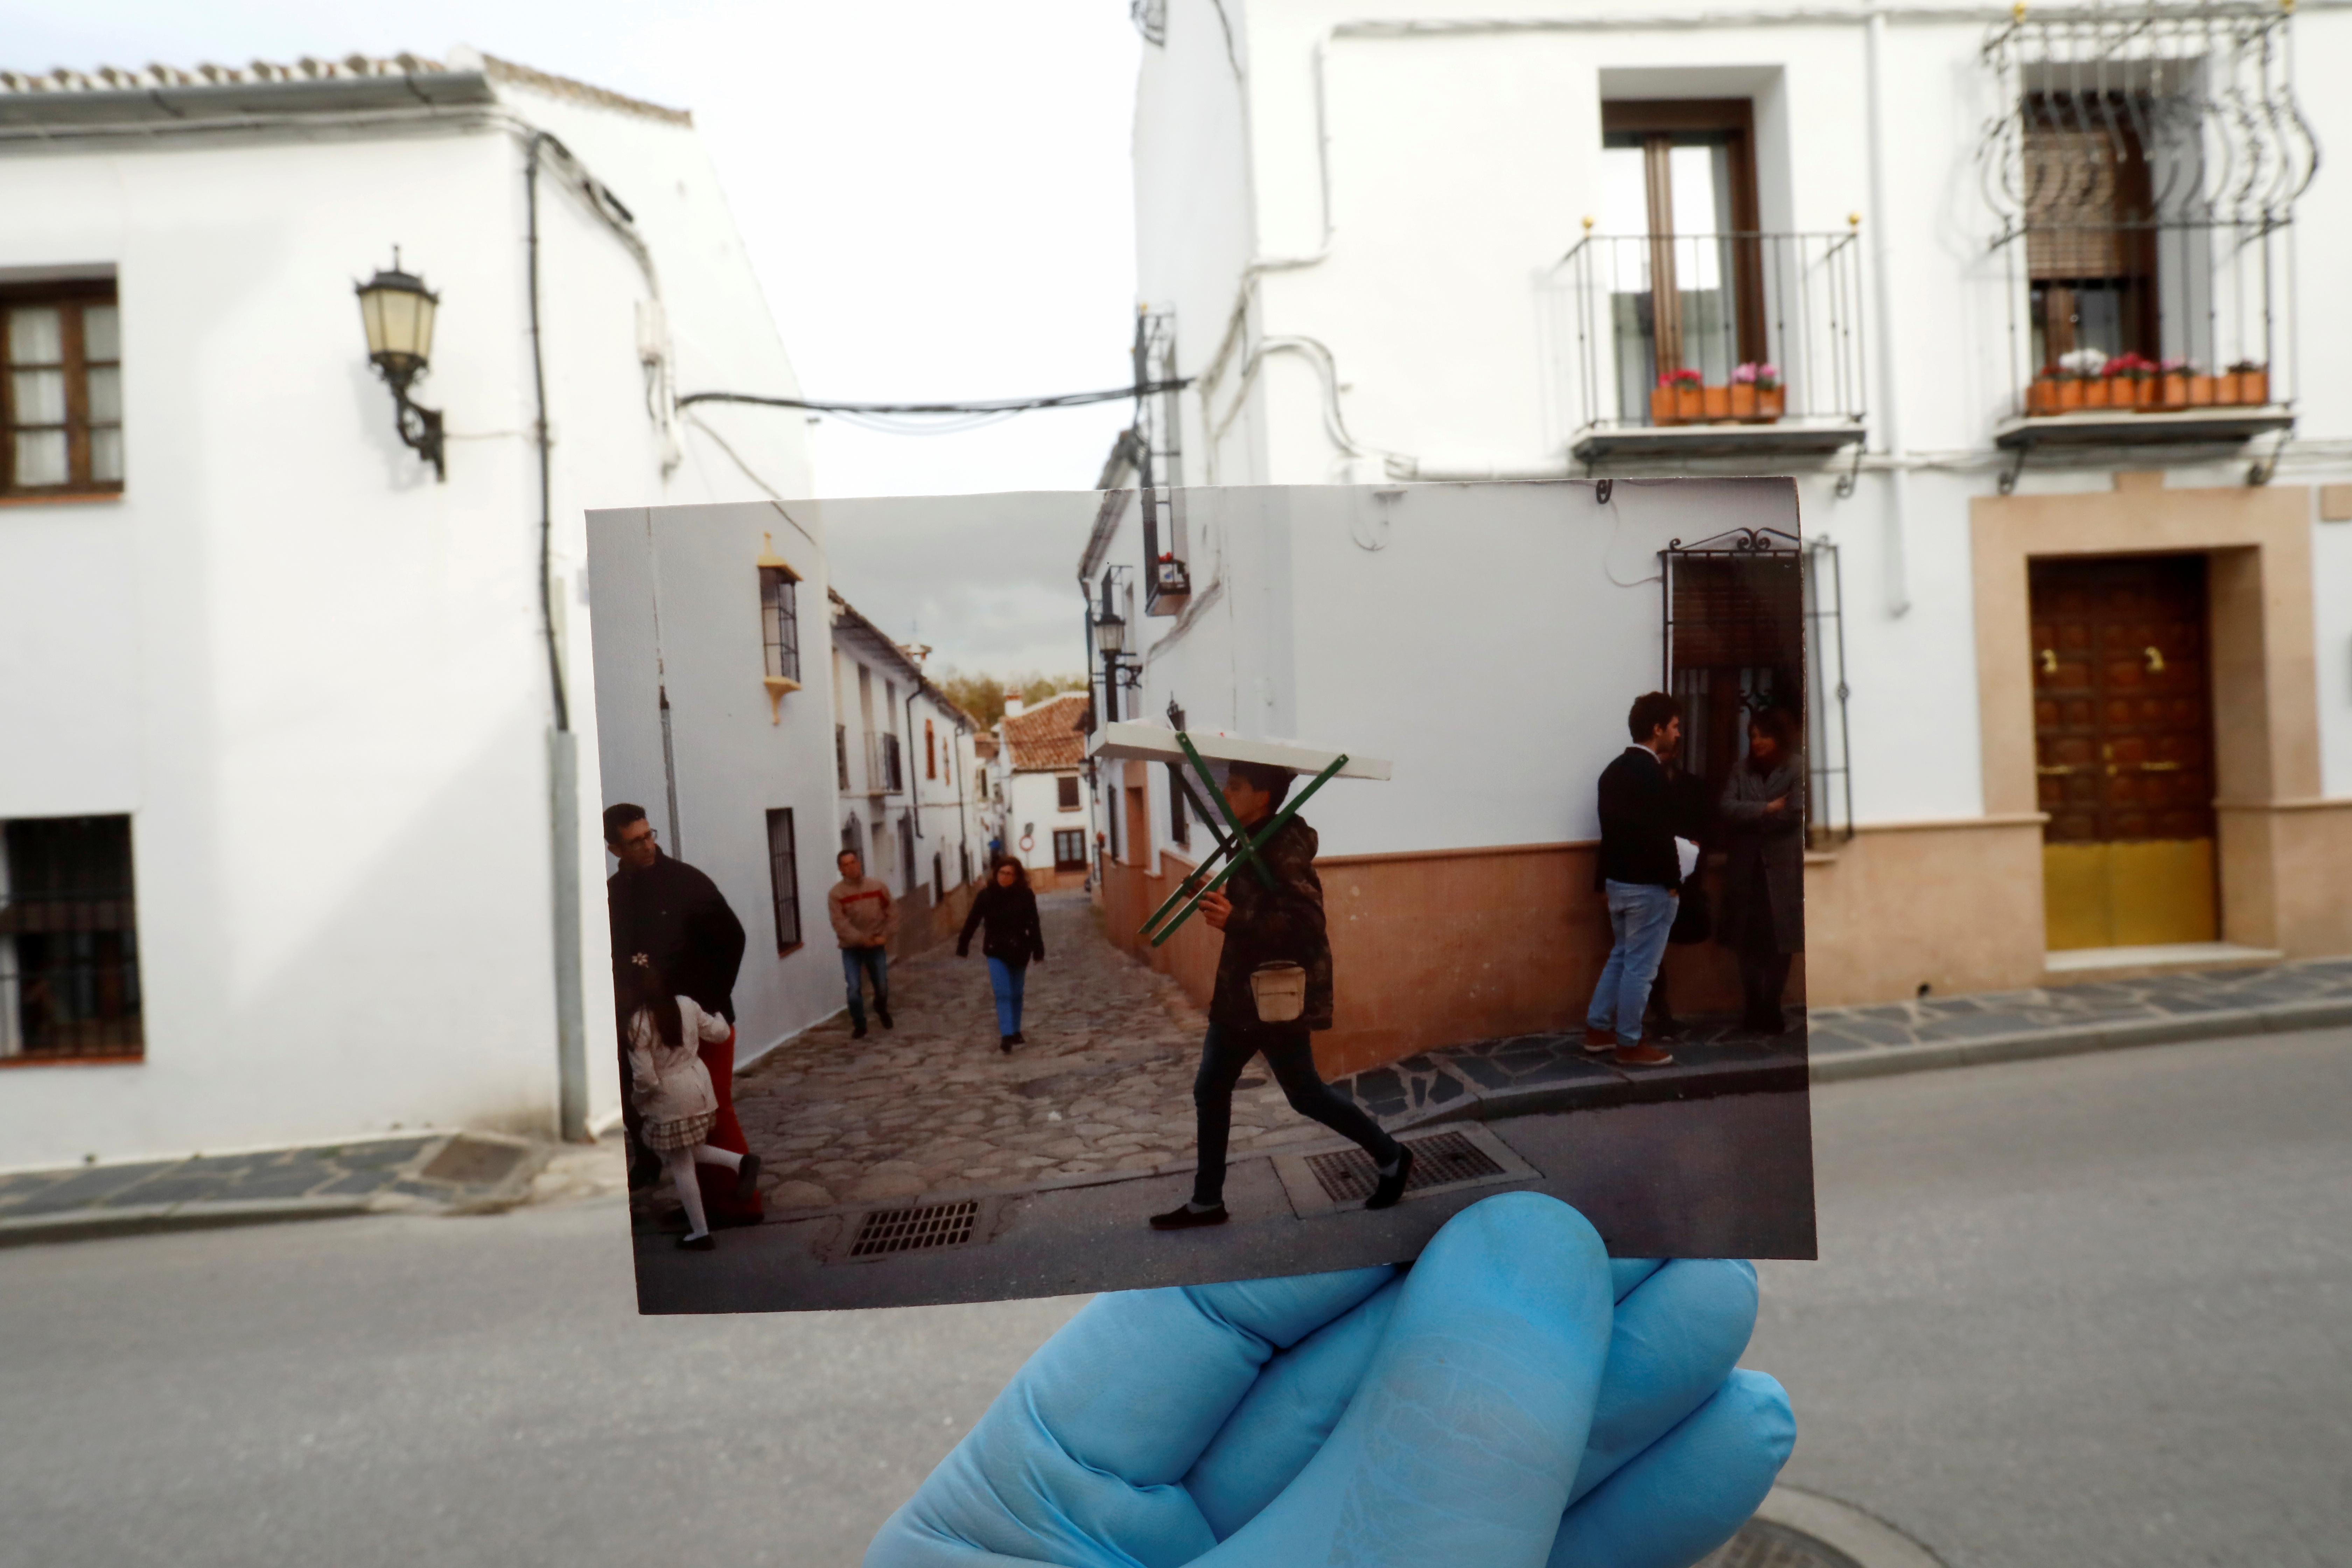 España es el segundo país del mundo más castigado por la pandemia, después de Italia, en comparación de víctimas fatales